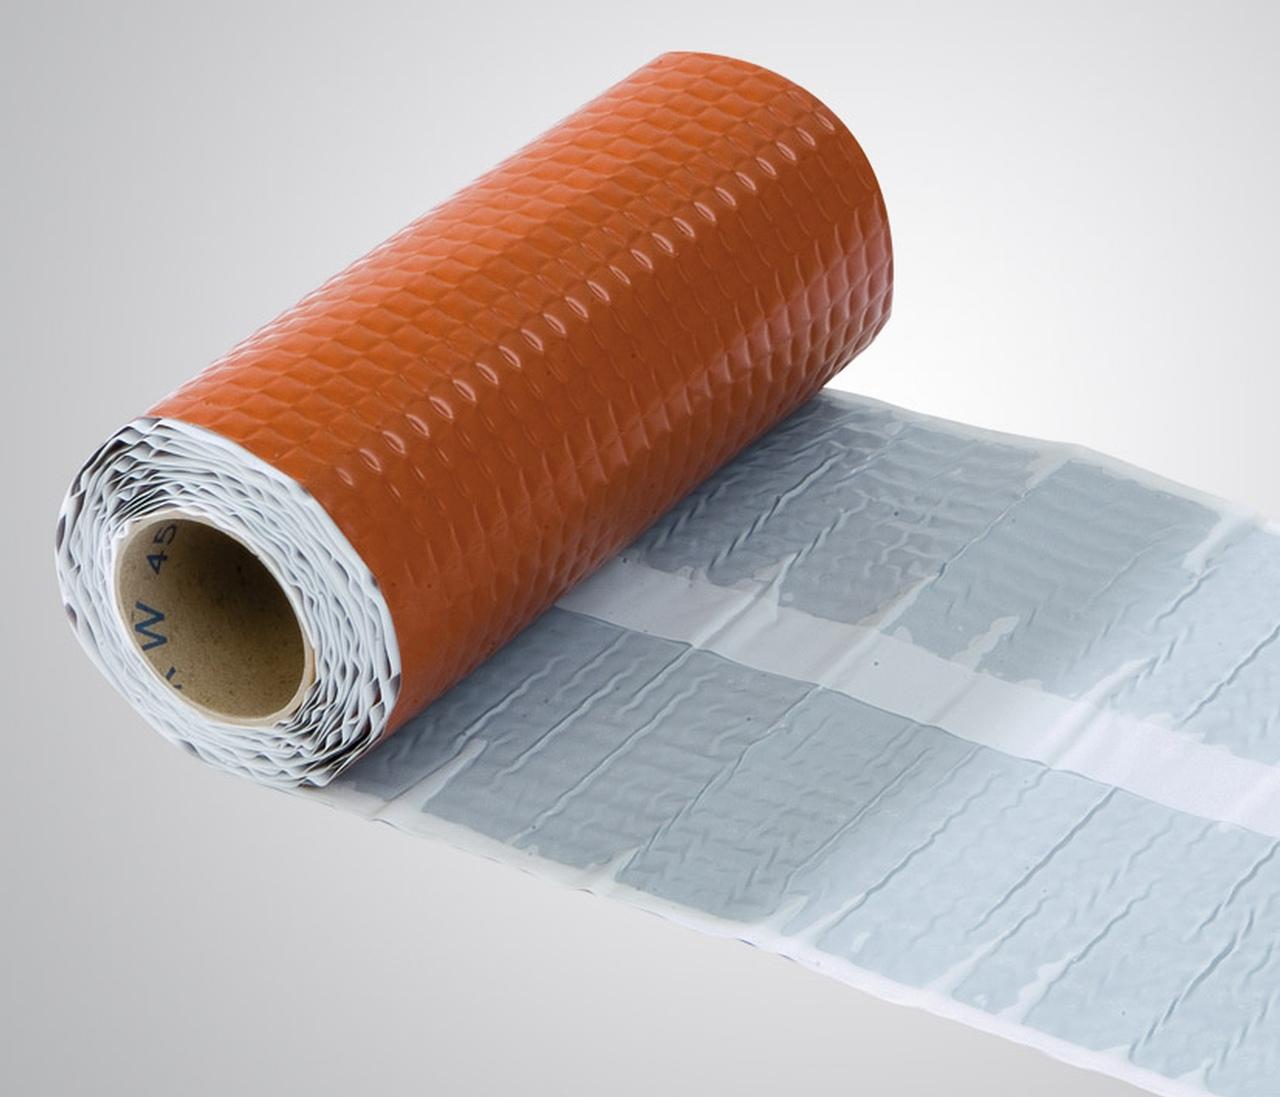 alu flex selbstklebend 5 meter rolle zubeh r dachrinnen. Black Bedroom Furniture Sets. Home Design Ideas